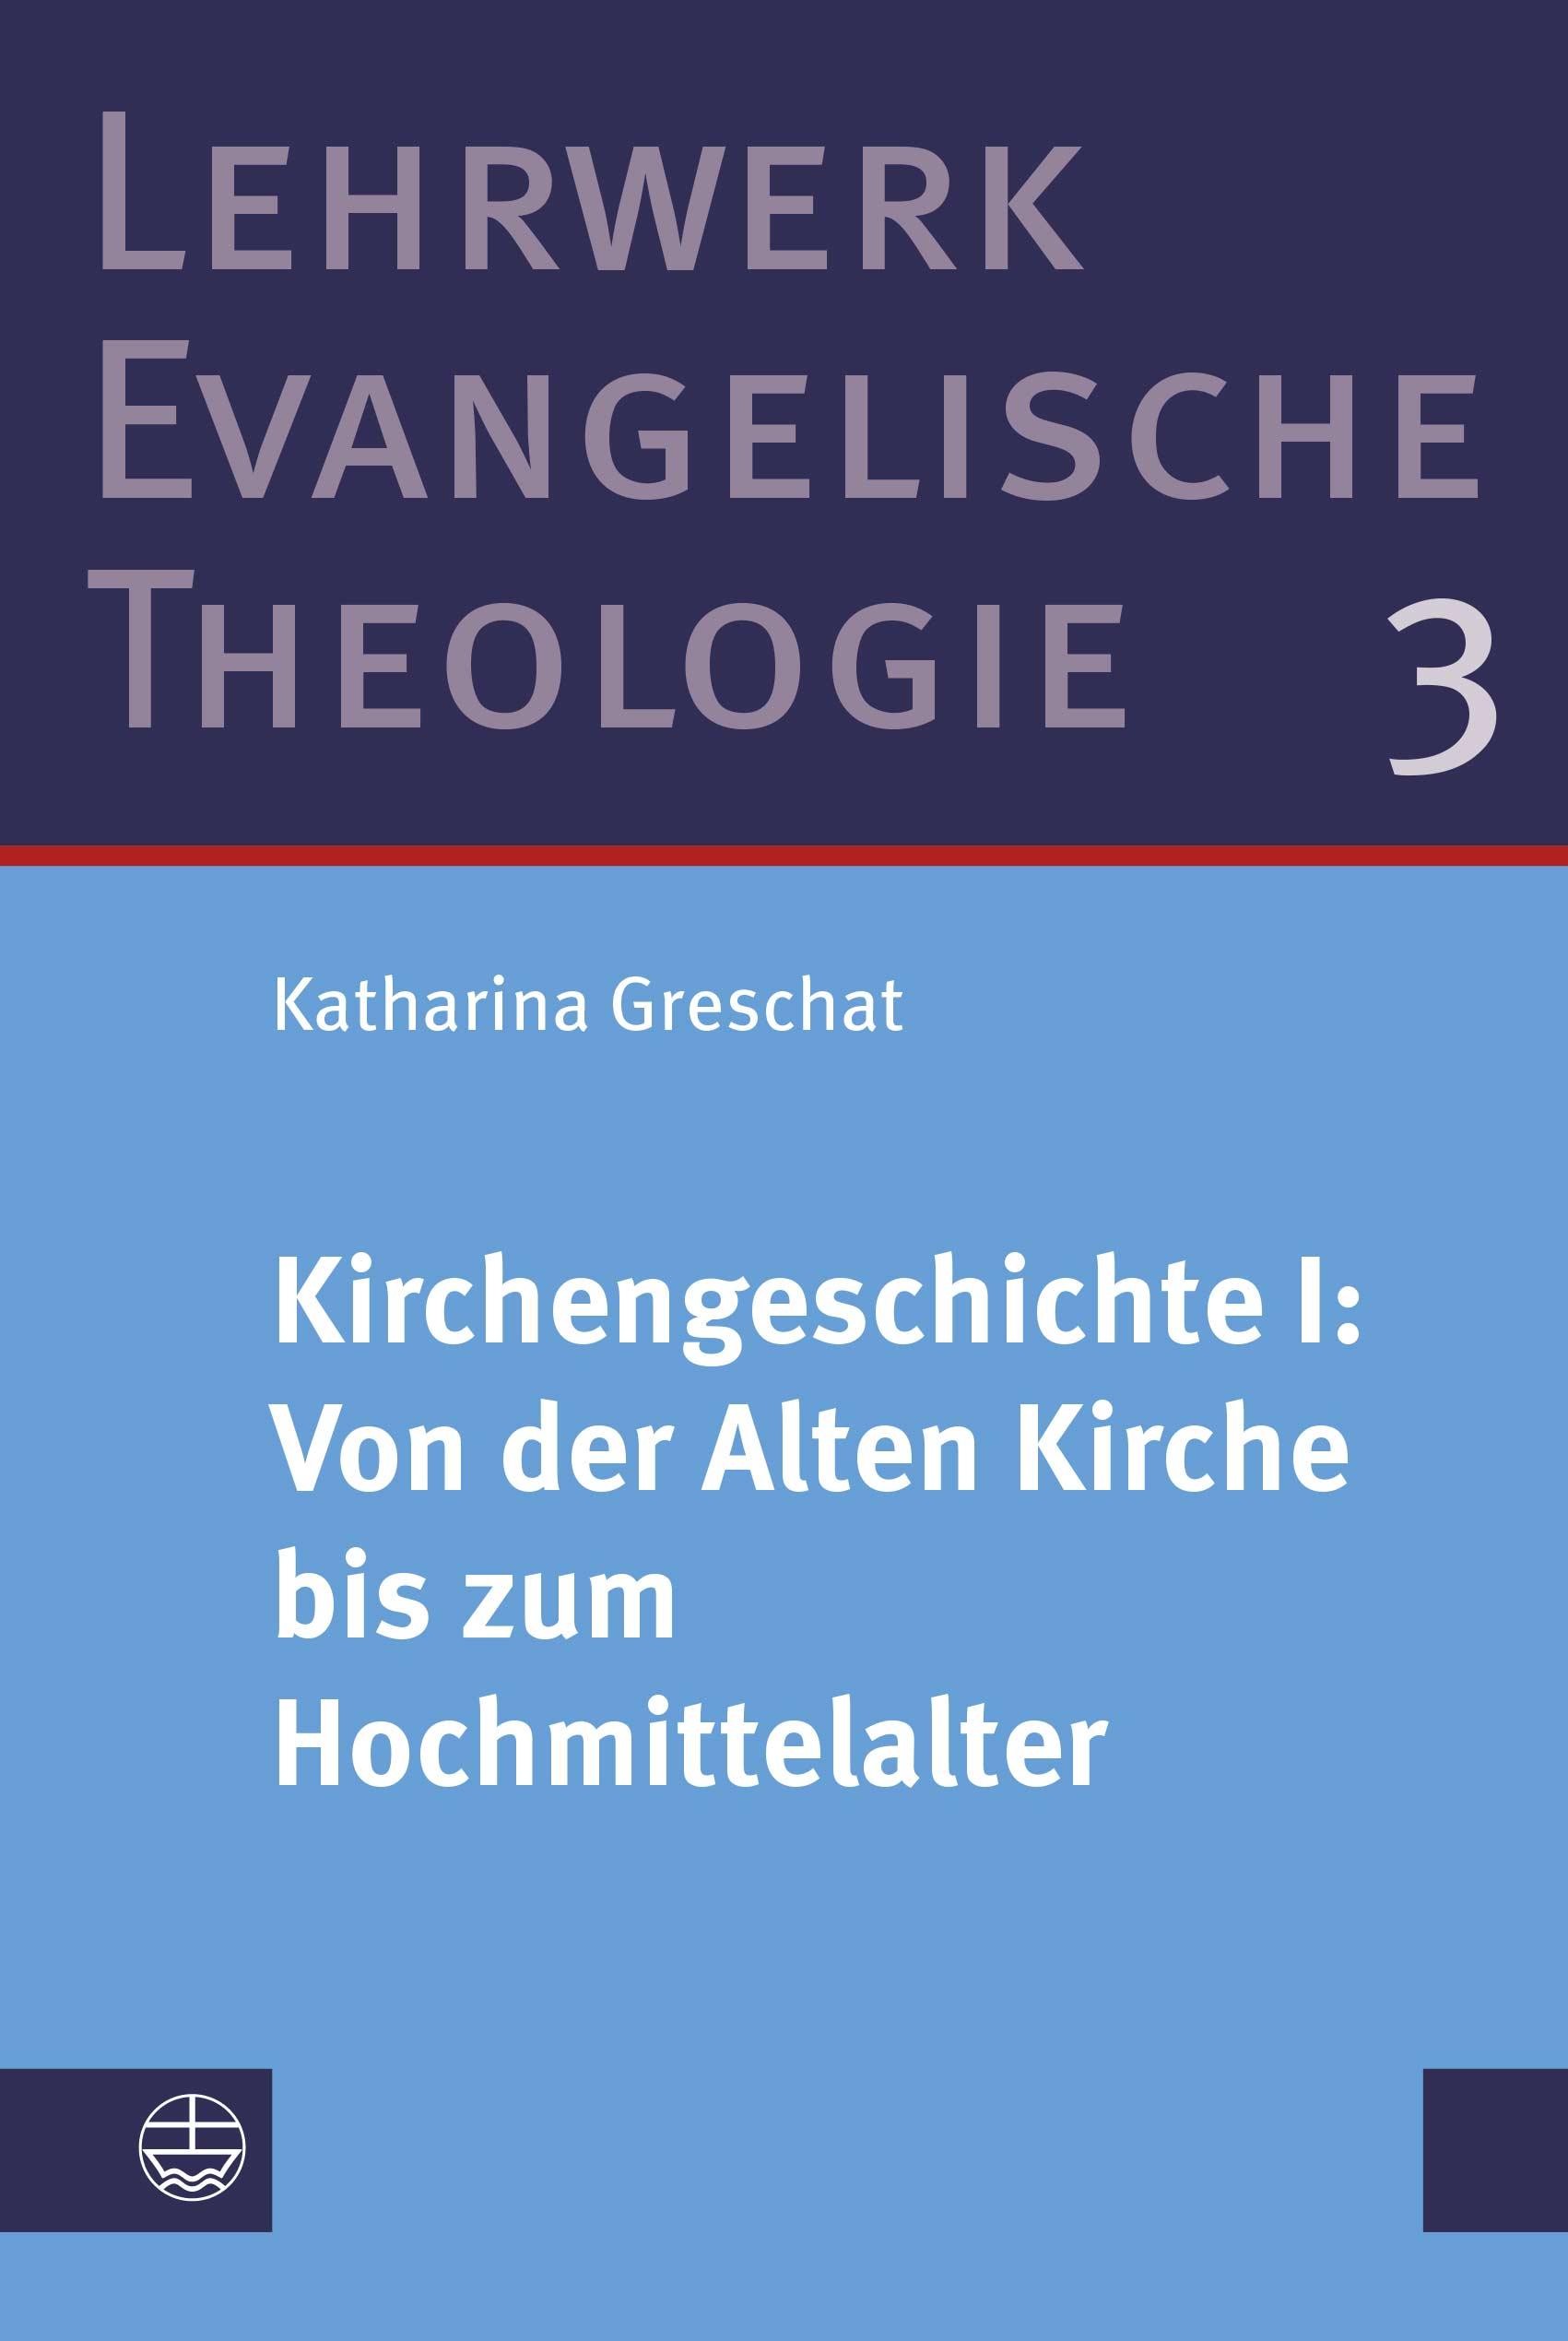 Kirchengeschichte I: Von der Alten Kirche bis zum Hochmittelalter